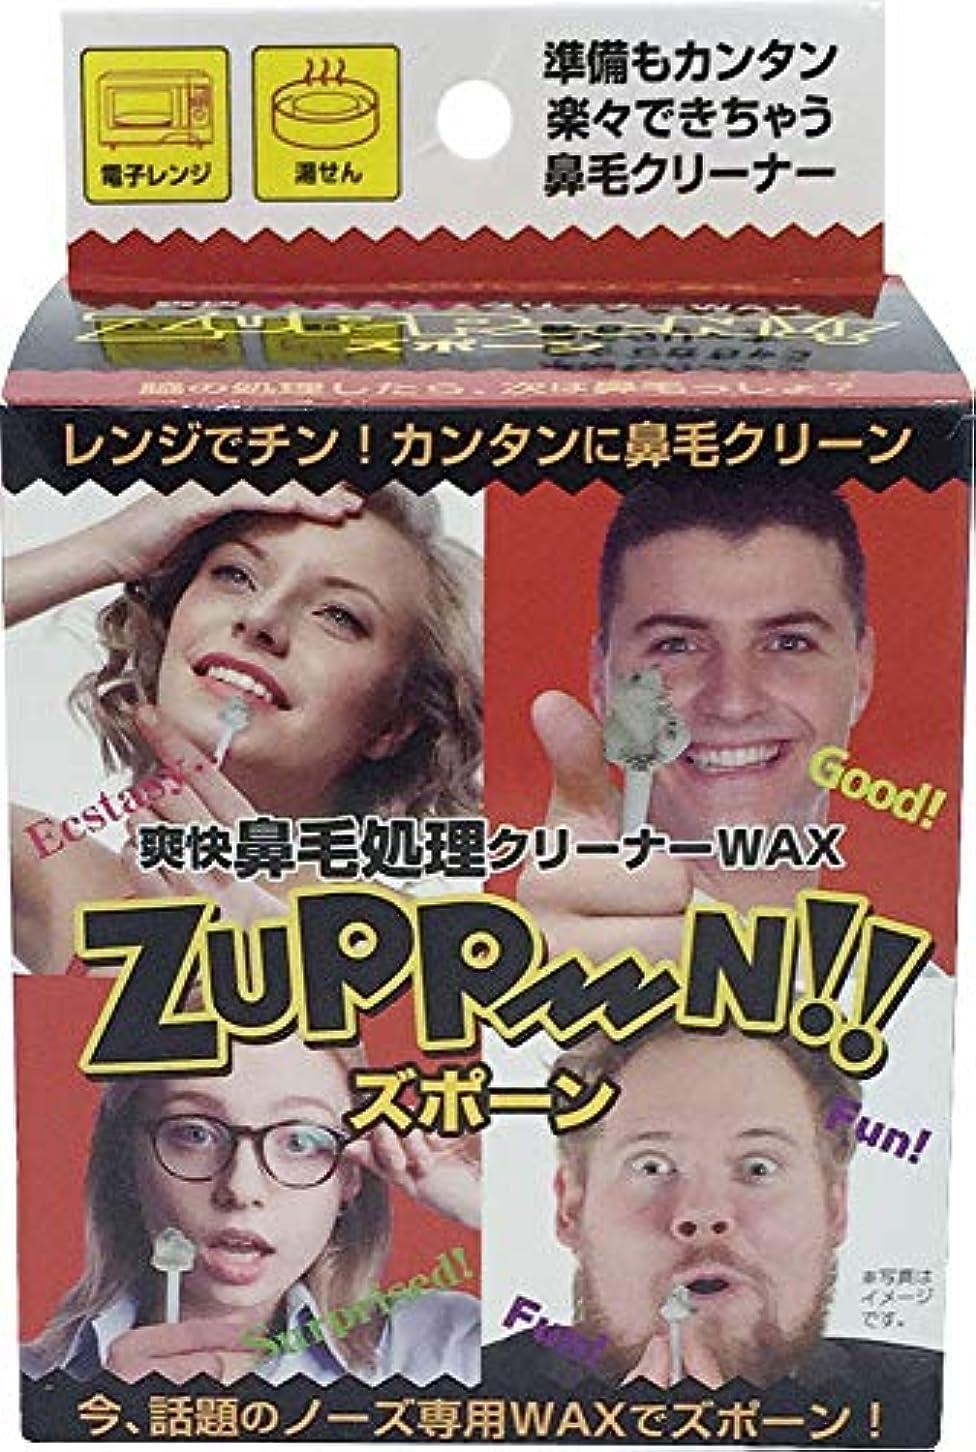 単なるエンジニアリング時期尚早トレードワン 鼻毛脱毛 爽快鼻毛処理クリーナーWAX ズポーン